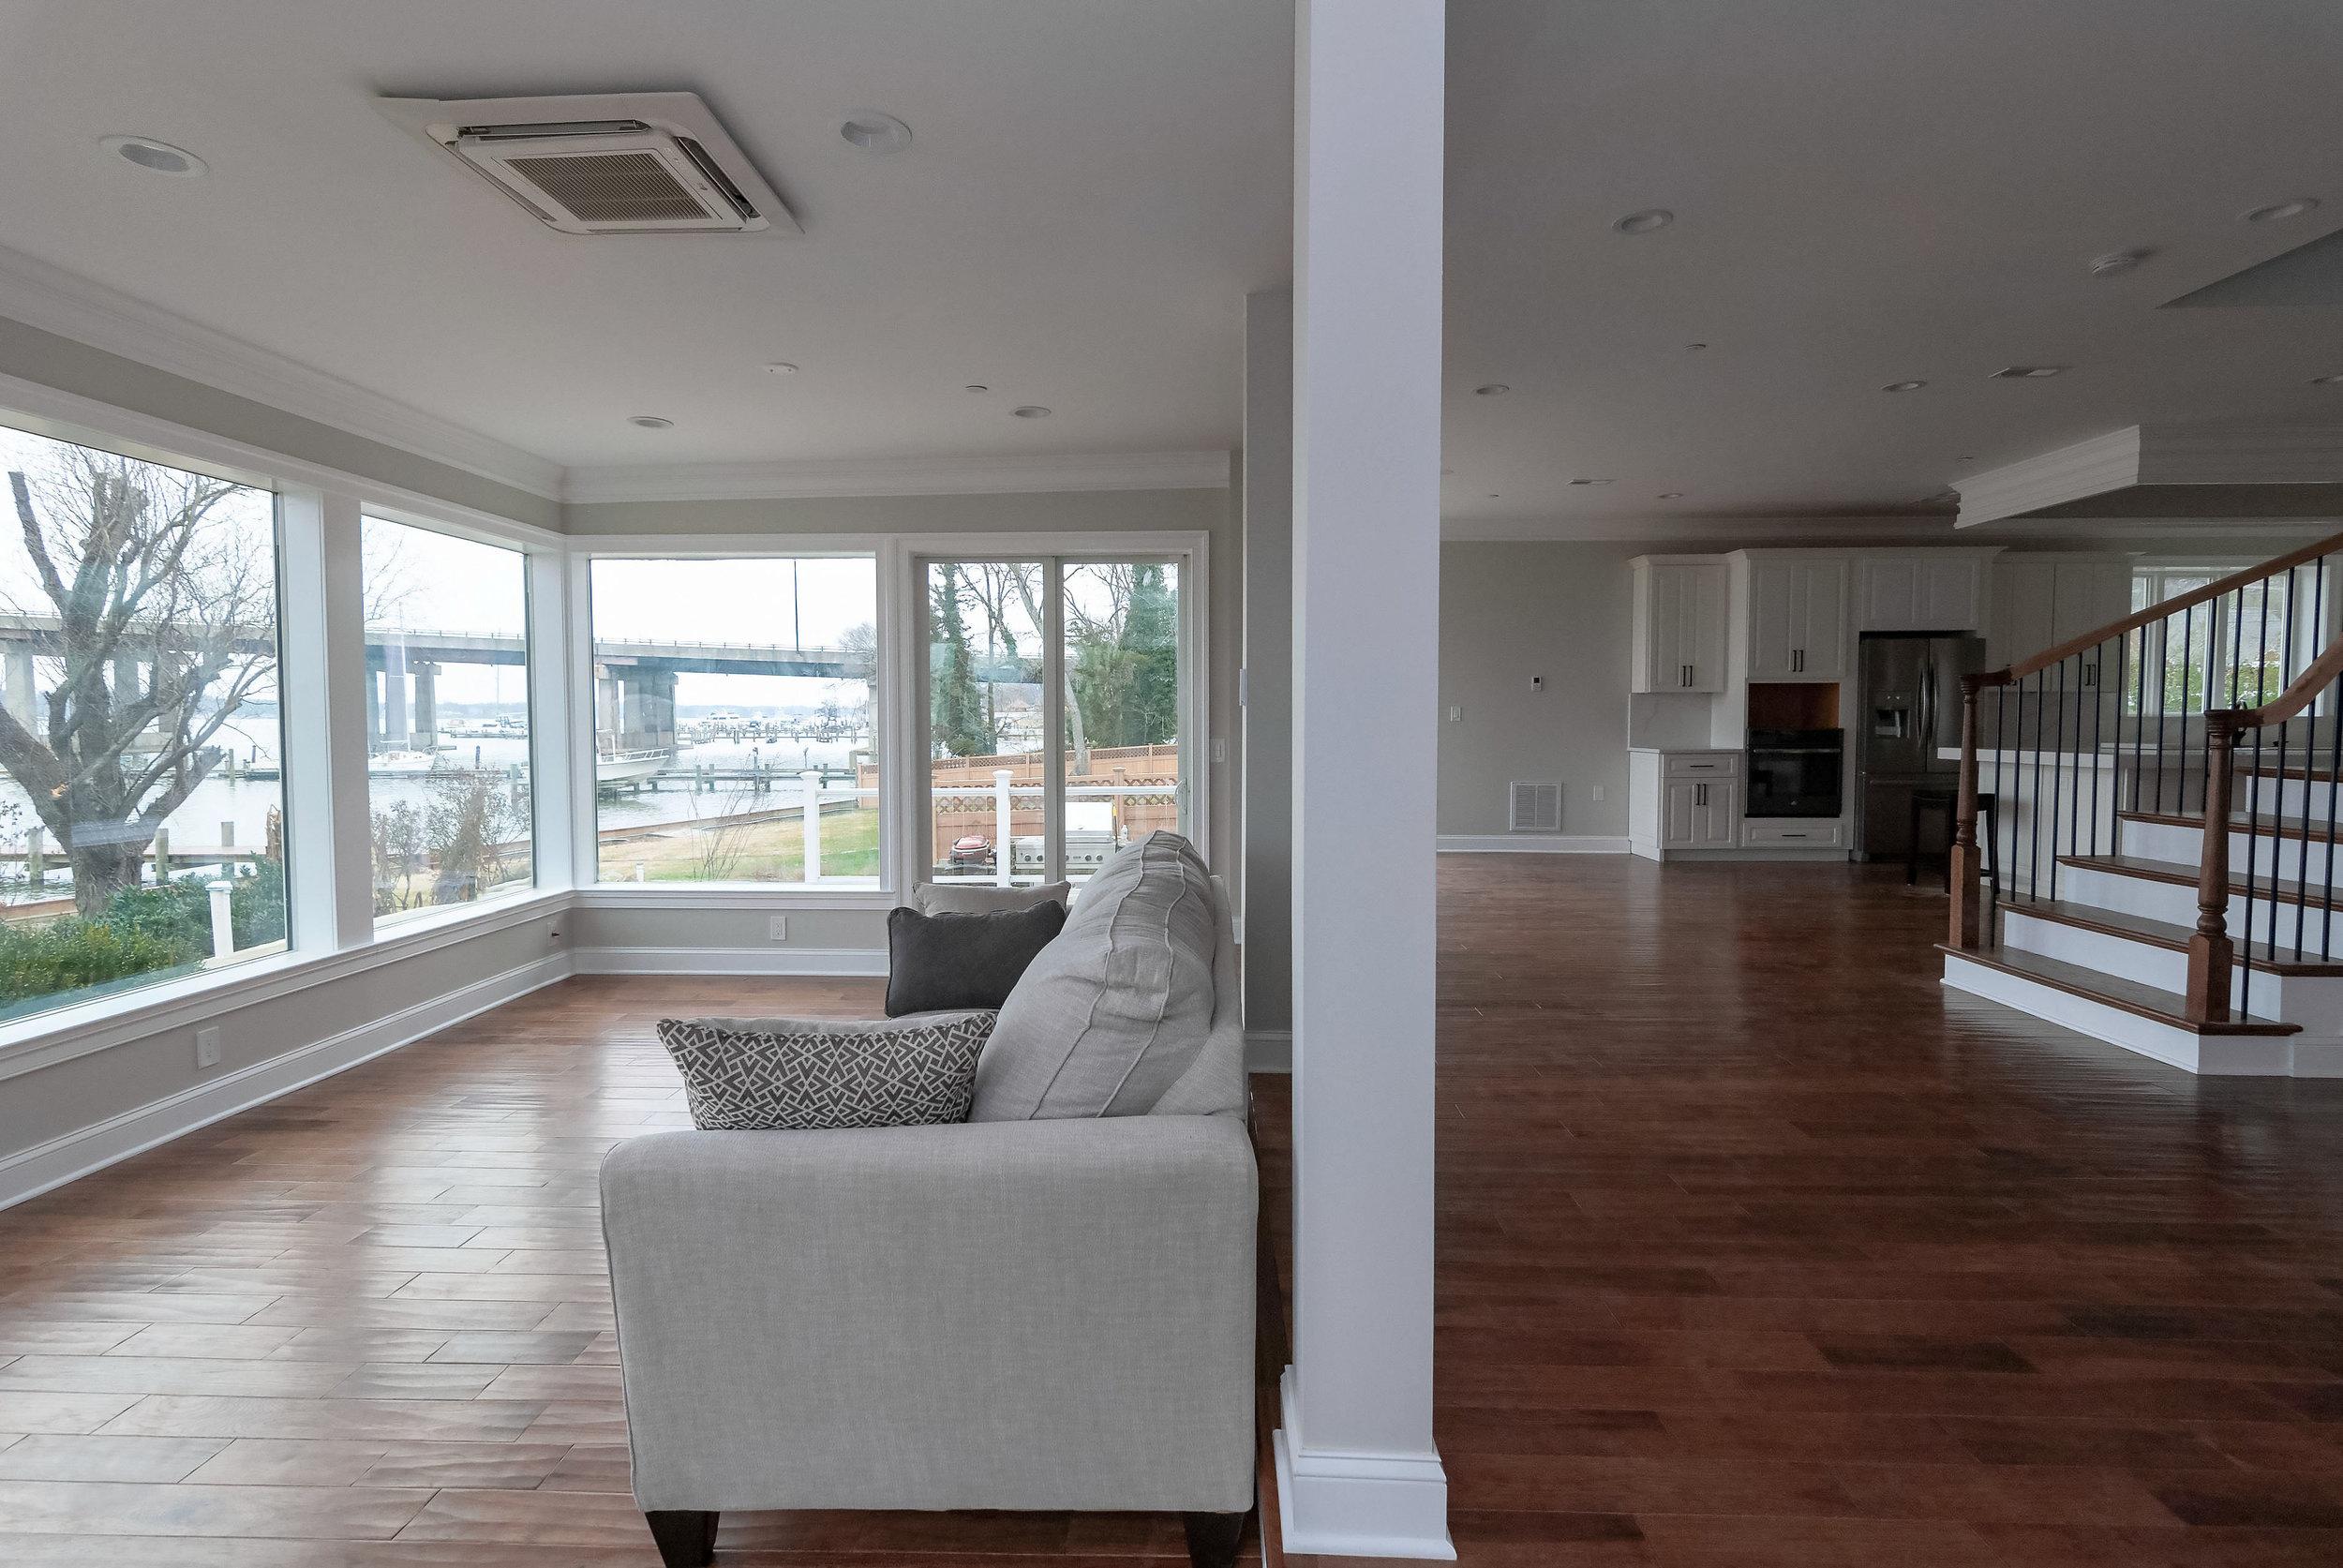 riverhouse living room 2-4b.jpg